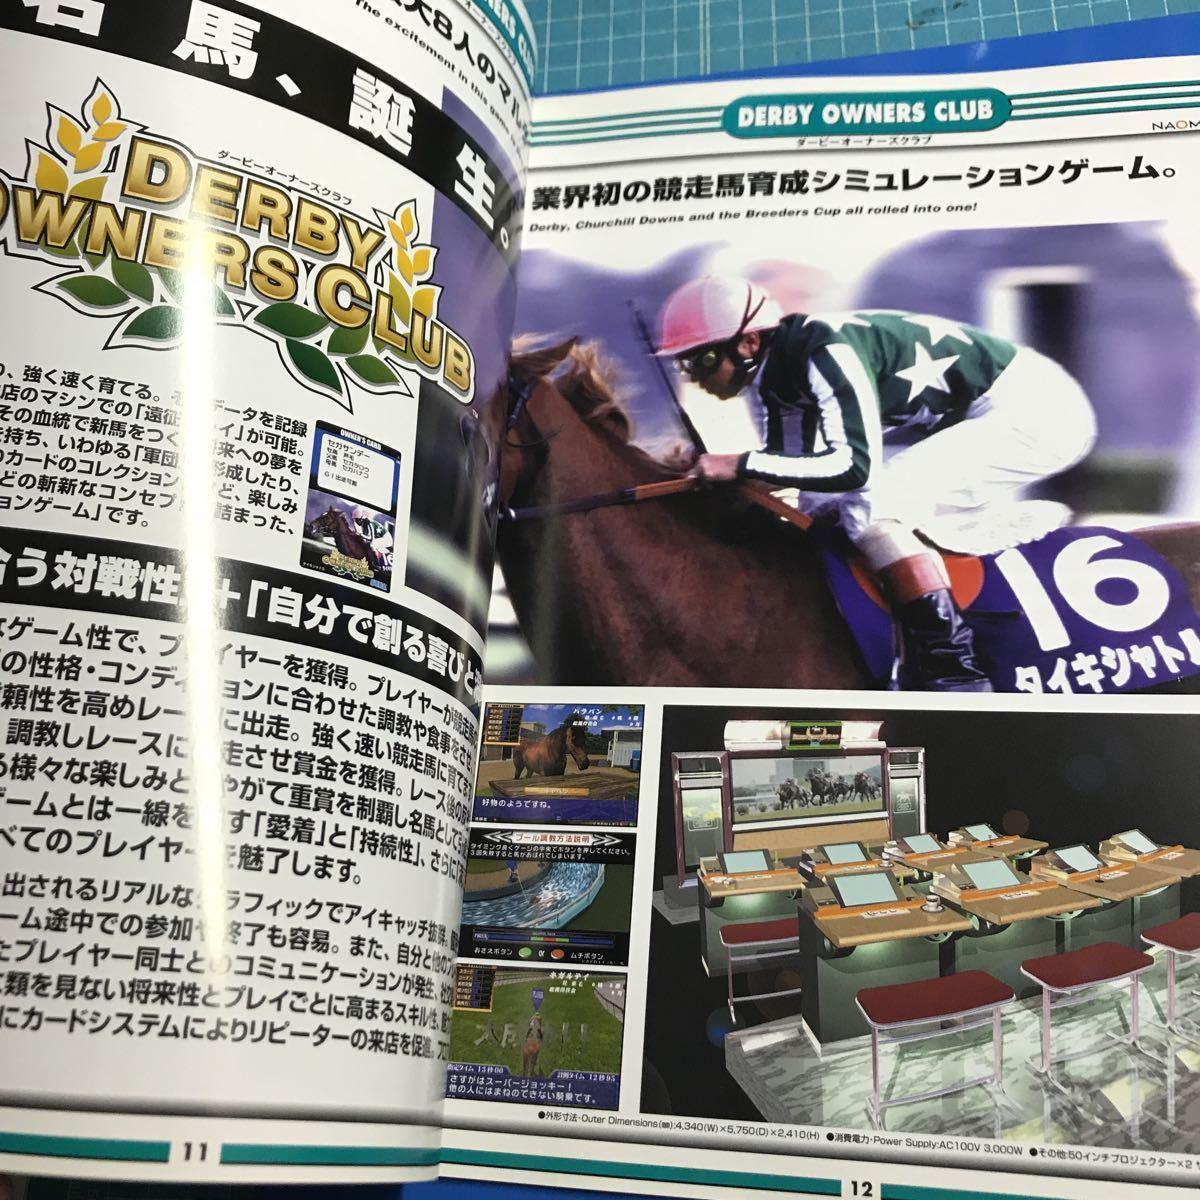 No.756 アーケードゲーム SEGA 1999年 アミューズメントマシン総合カタログ 全26ページ 業務用 非売品 カタログ セガ_画像6